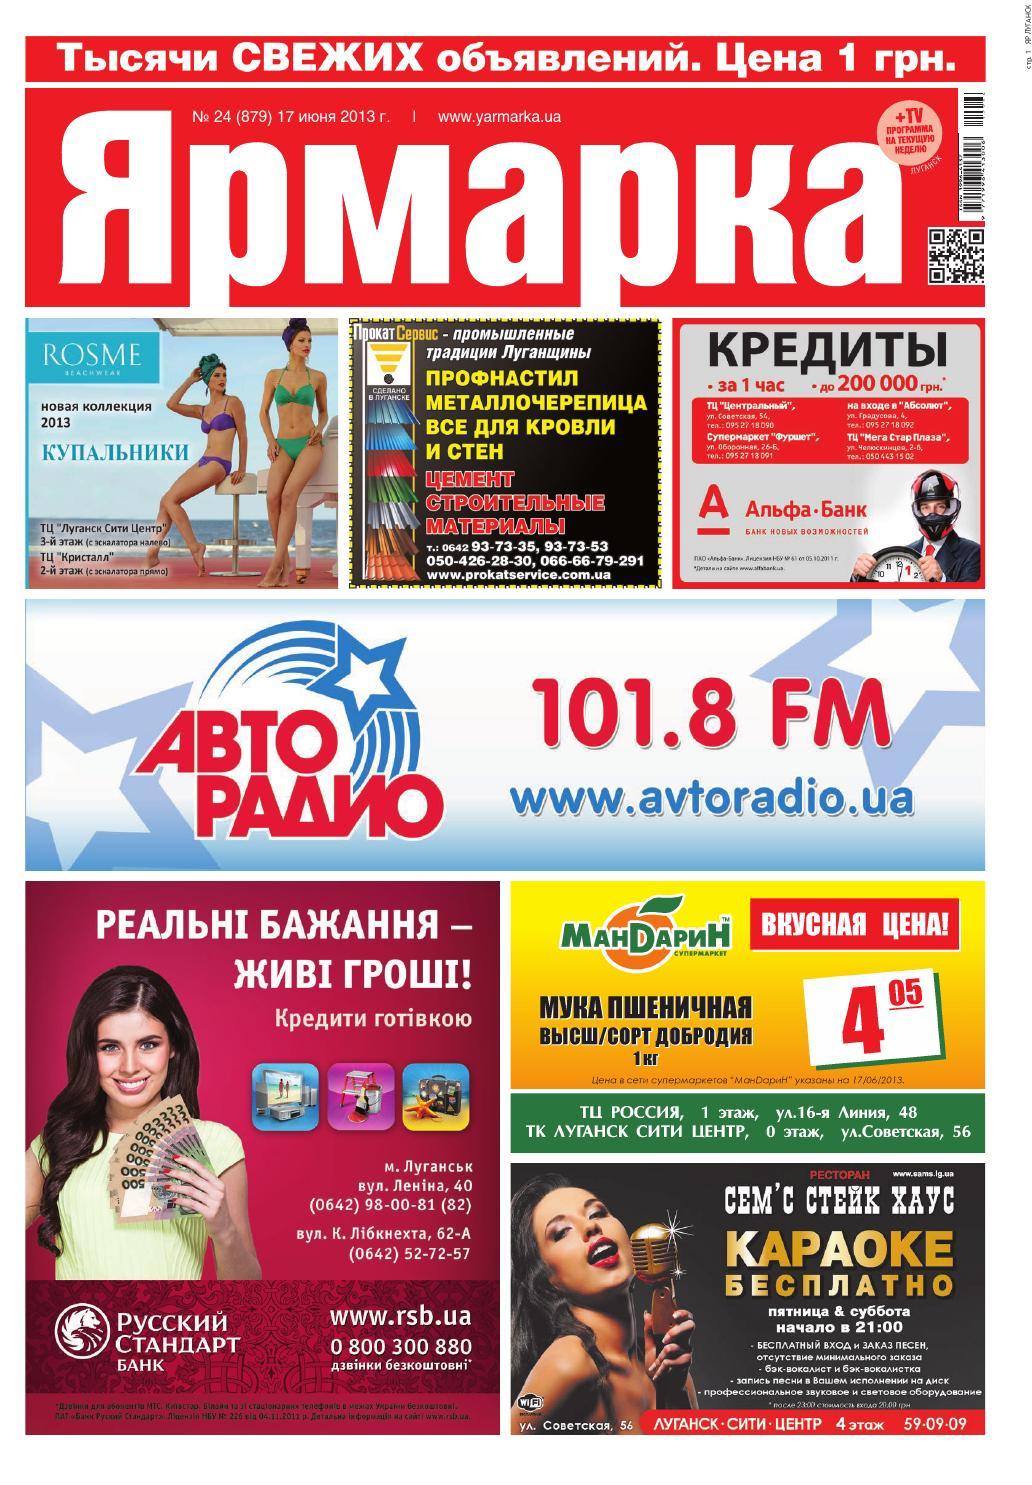 Yarmarka lugansk 17 06 2013 by besplatka ukraine - issuu 4263877fd8711